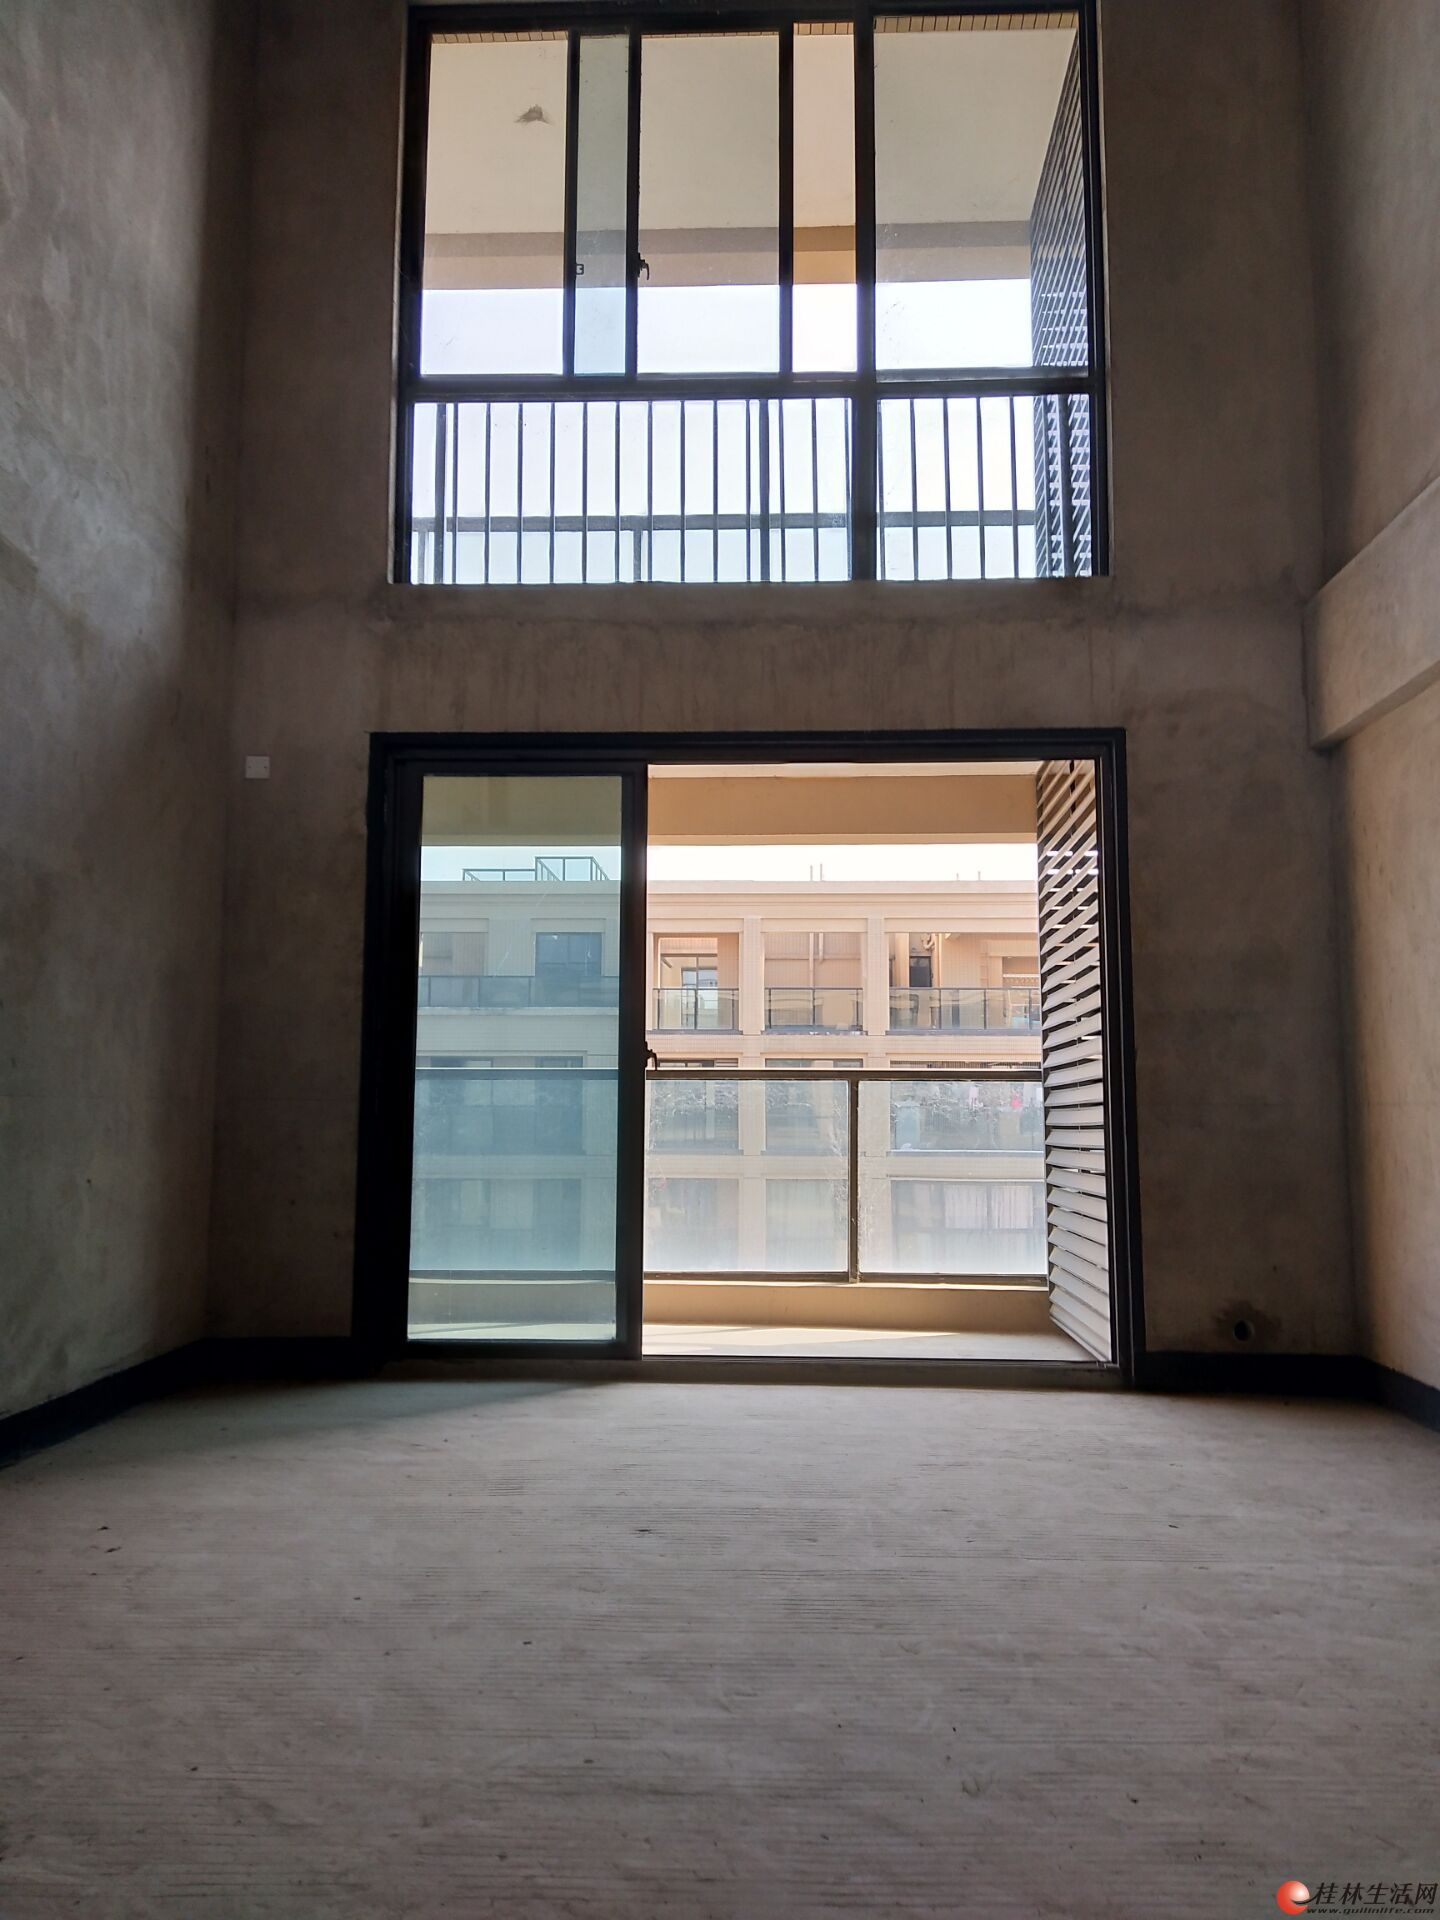 安厦漓江大美 电梯顶层复式 豪宅别墅 5房3厅3卫 170万